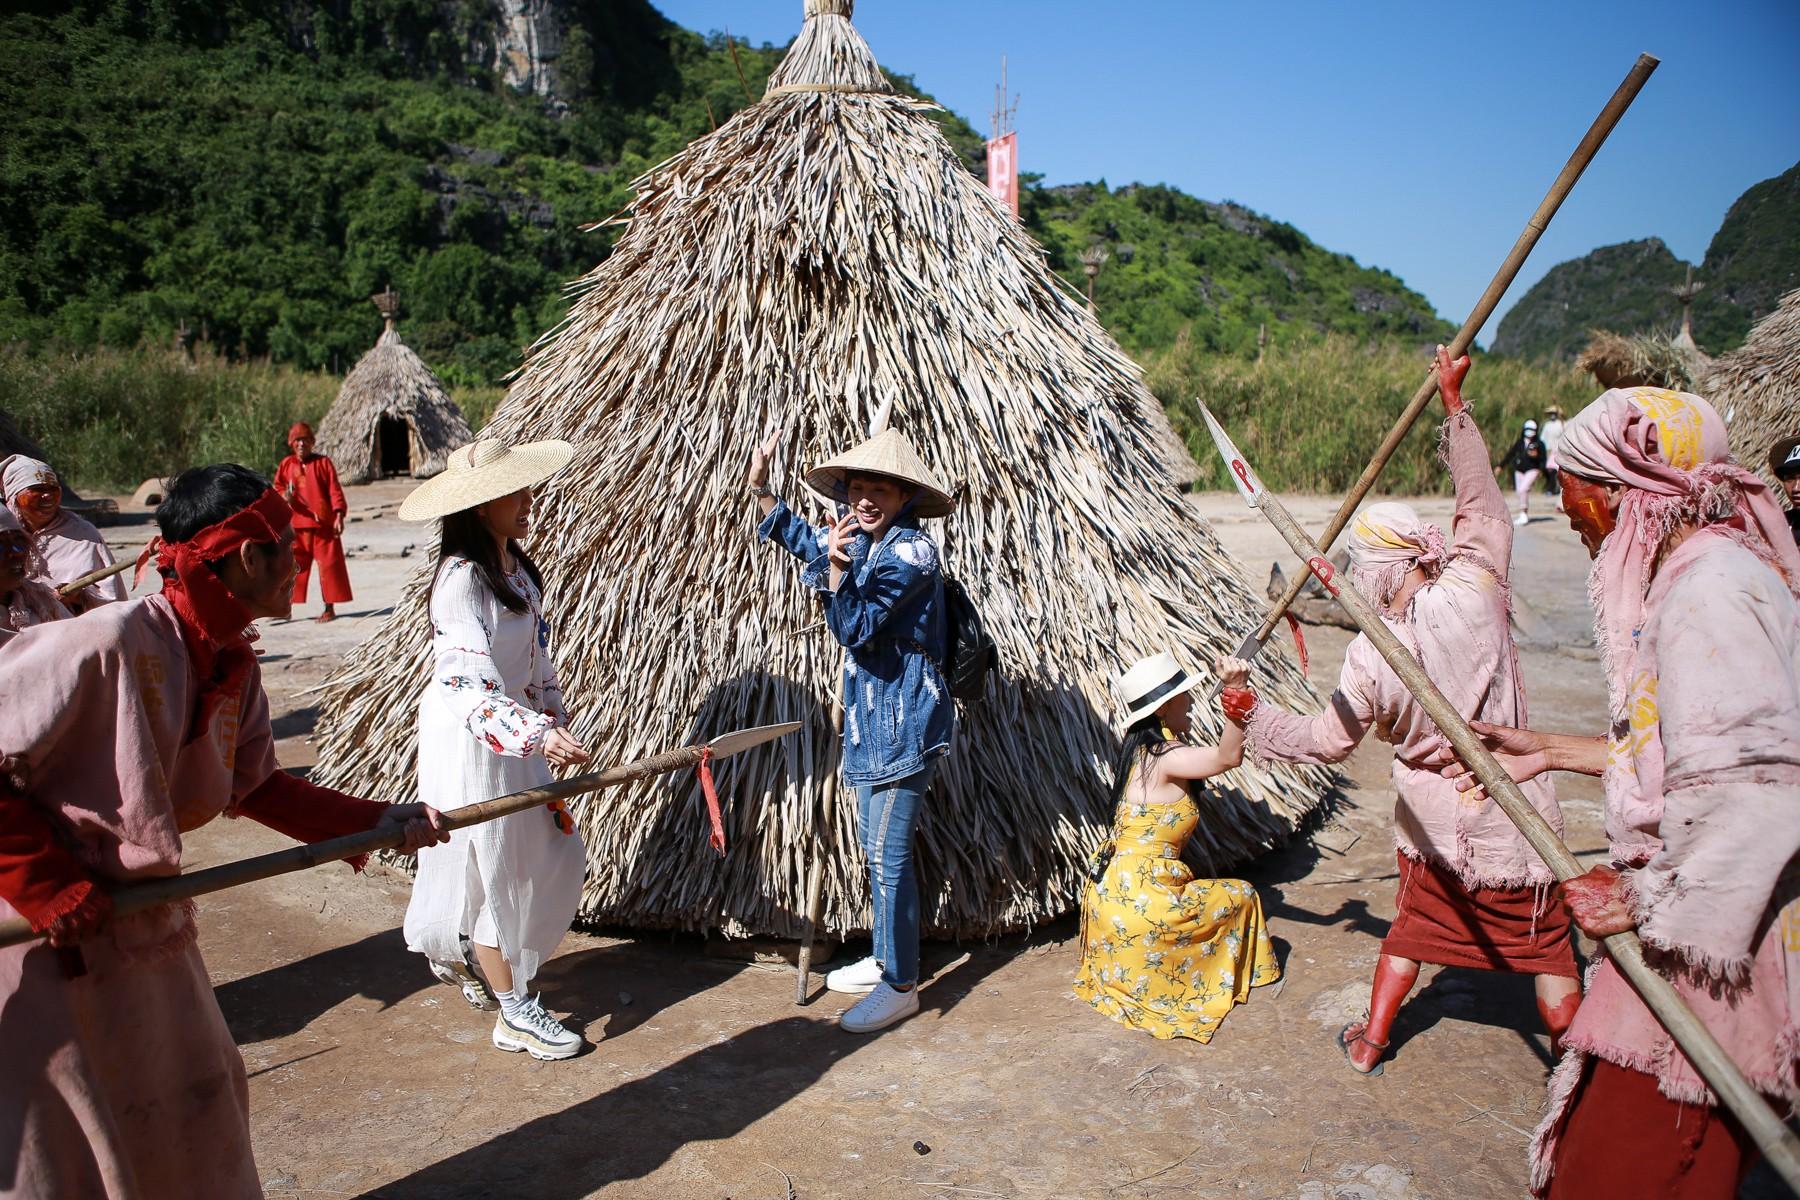 Hội ế Diệu Nhi - Sĩ Thanh - Yaya Trương Nhi bất ngờ gặp HLV Park Hang Seo tại Ninh Bình - Ảnh 3.